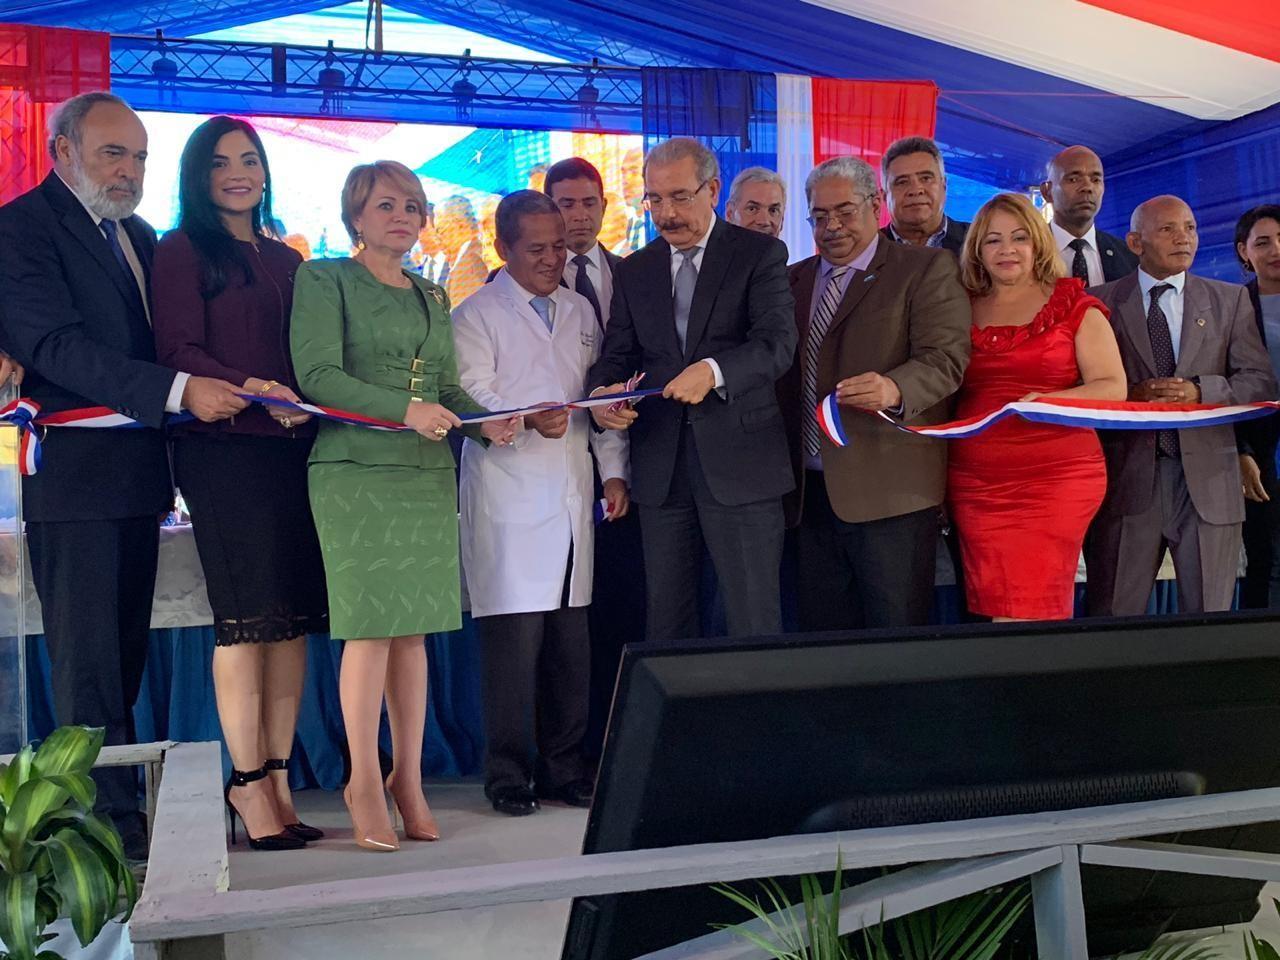 INAUGURACIÓN HOSPITAL REGIONAL ALEJANDRO CABRAL EN SAN JUAN DE LA MAGUANA